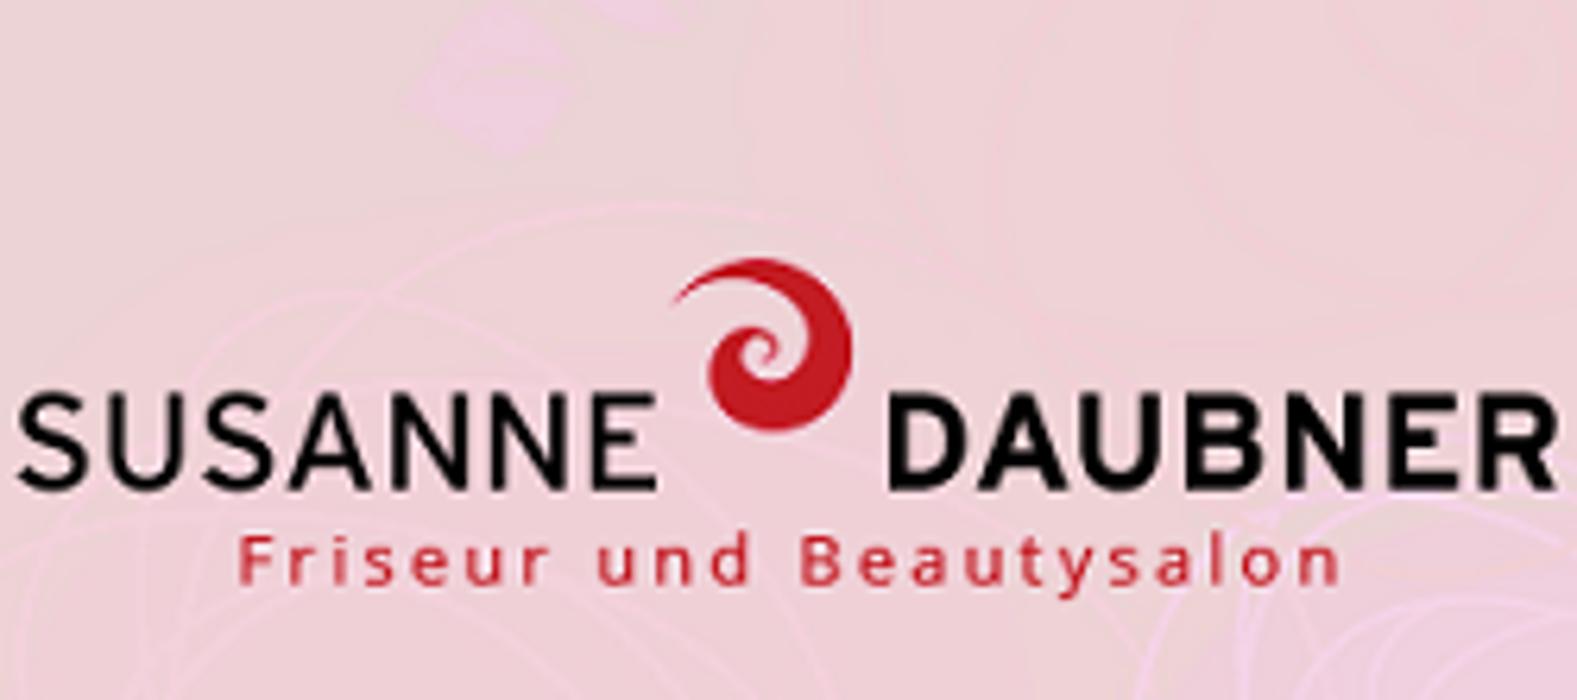 Daubner Susanne